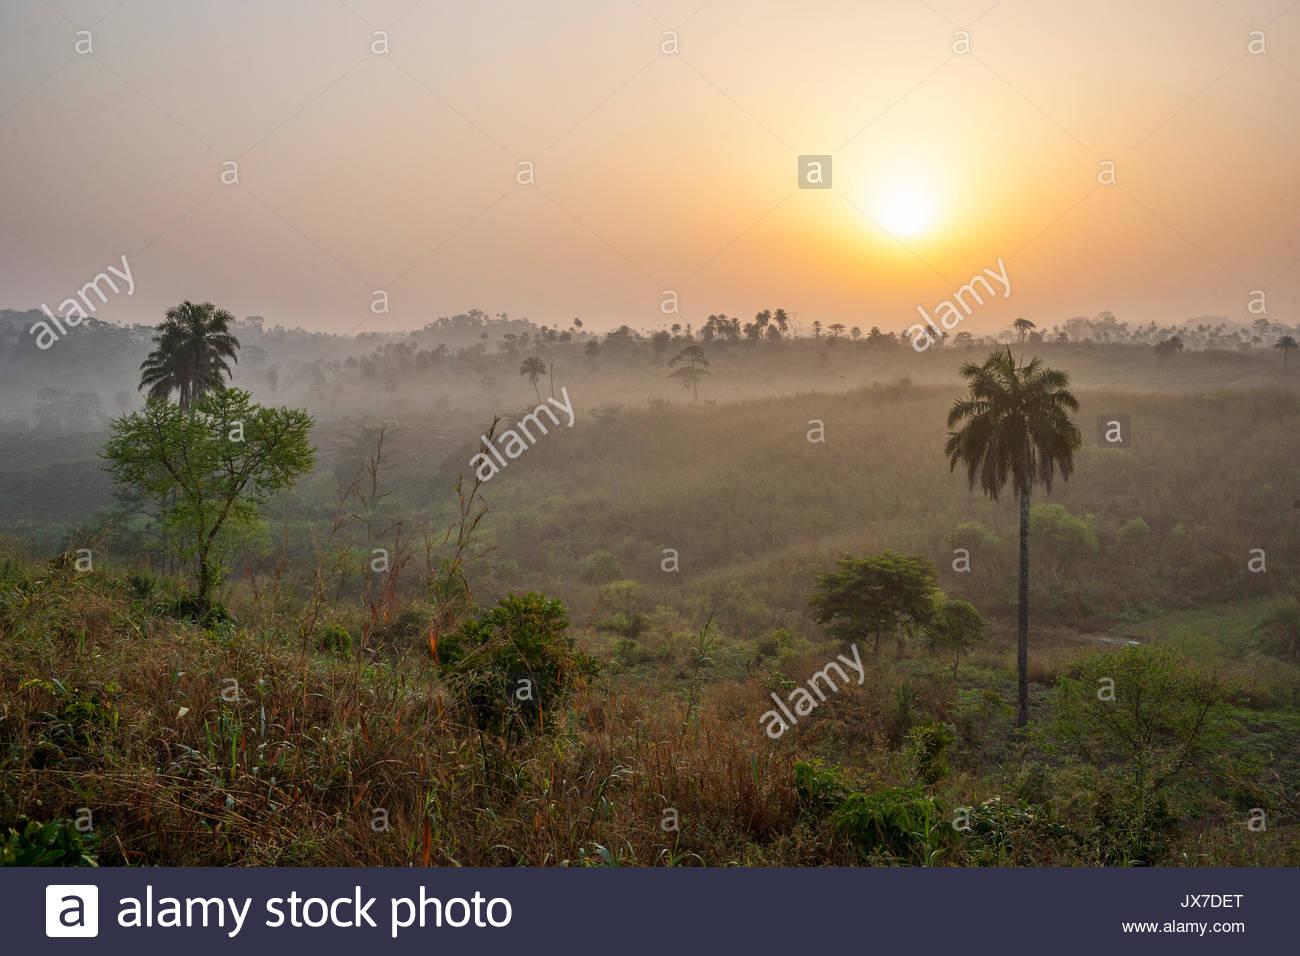 Ein Sonnenaufgang szenischen entlang der Straße nach Meliandou von Gueckadou. Stockbild